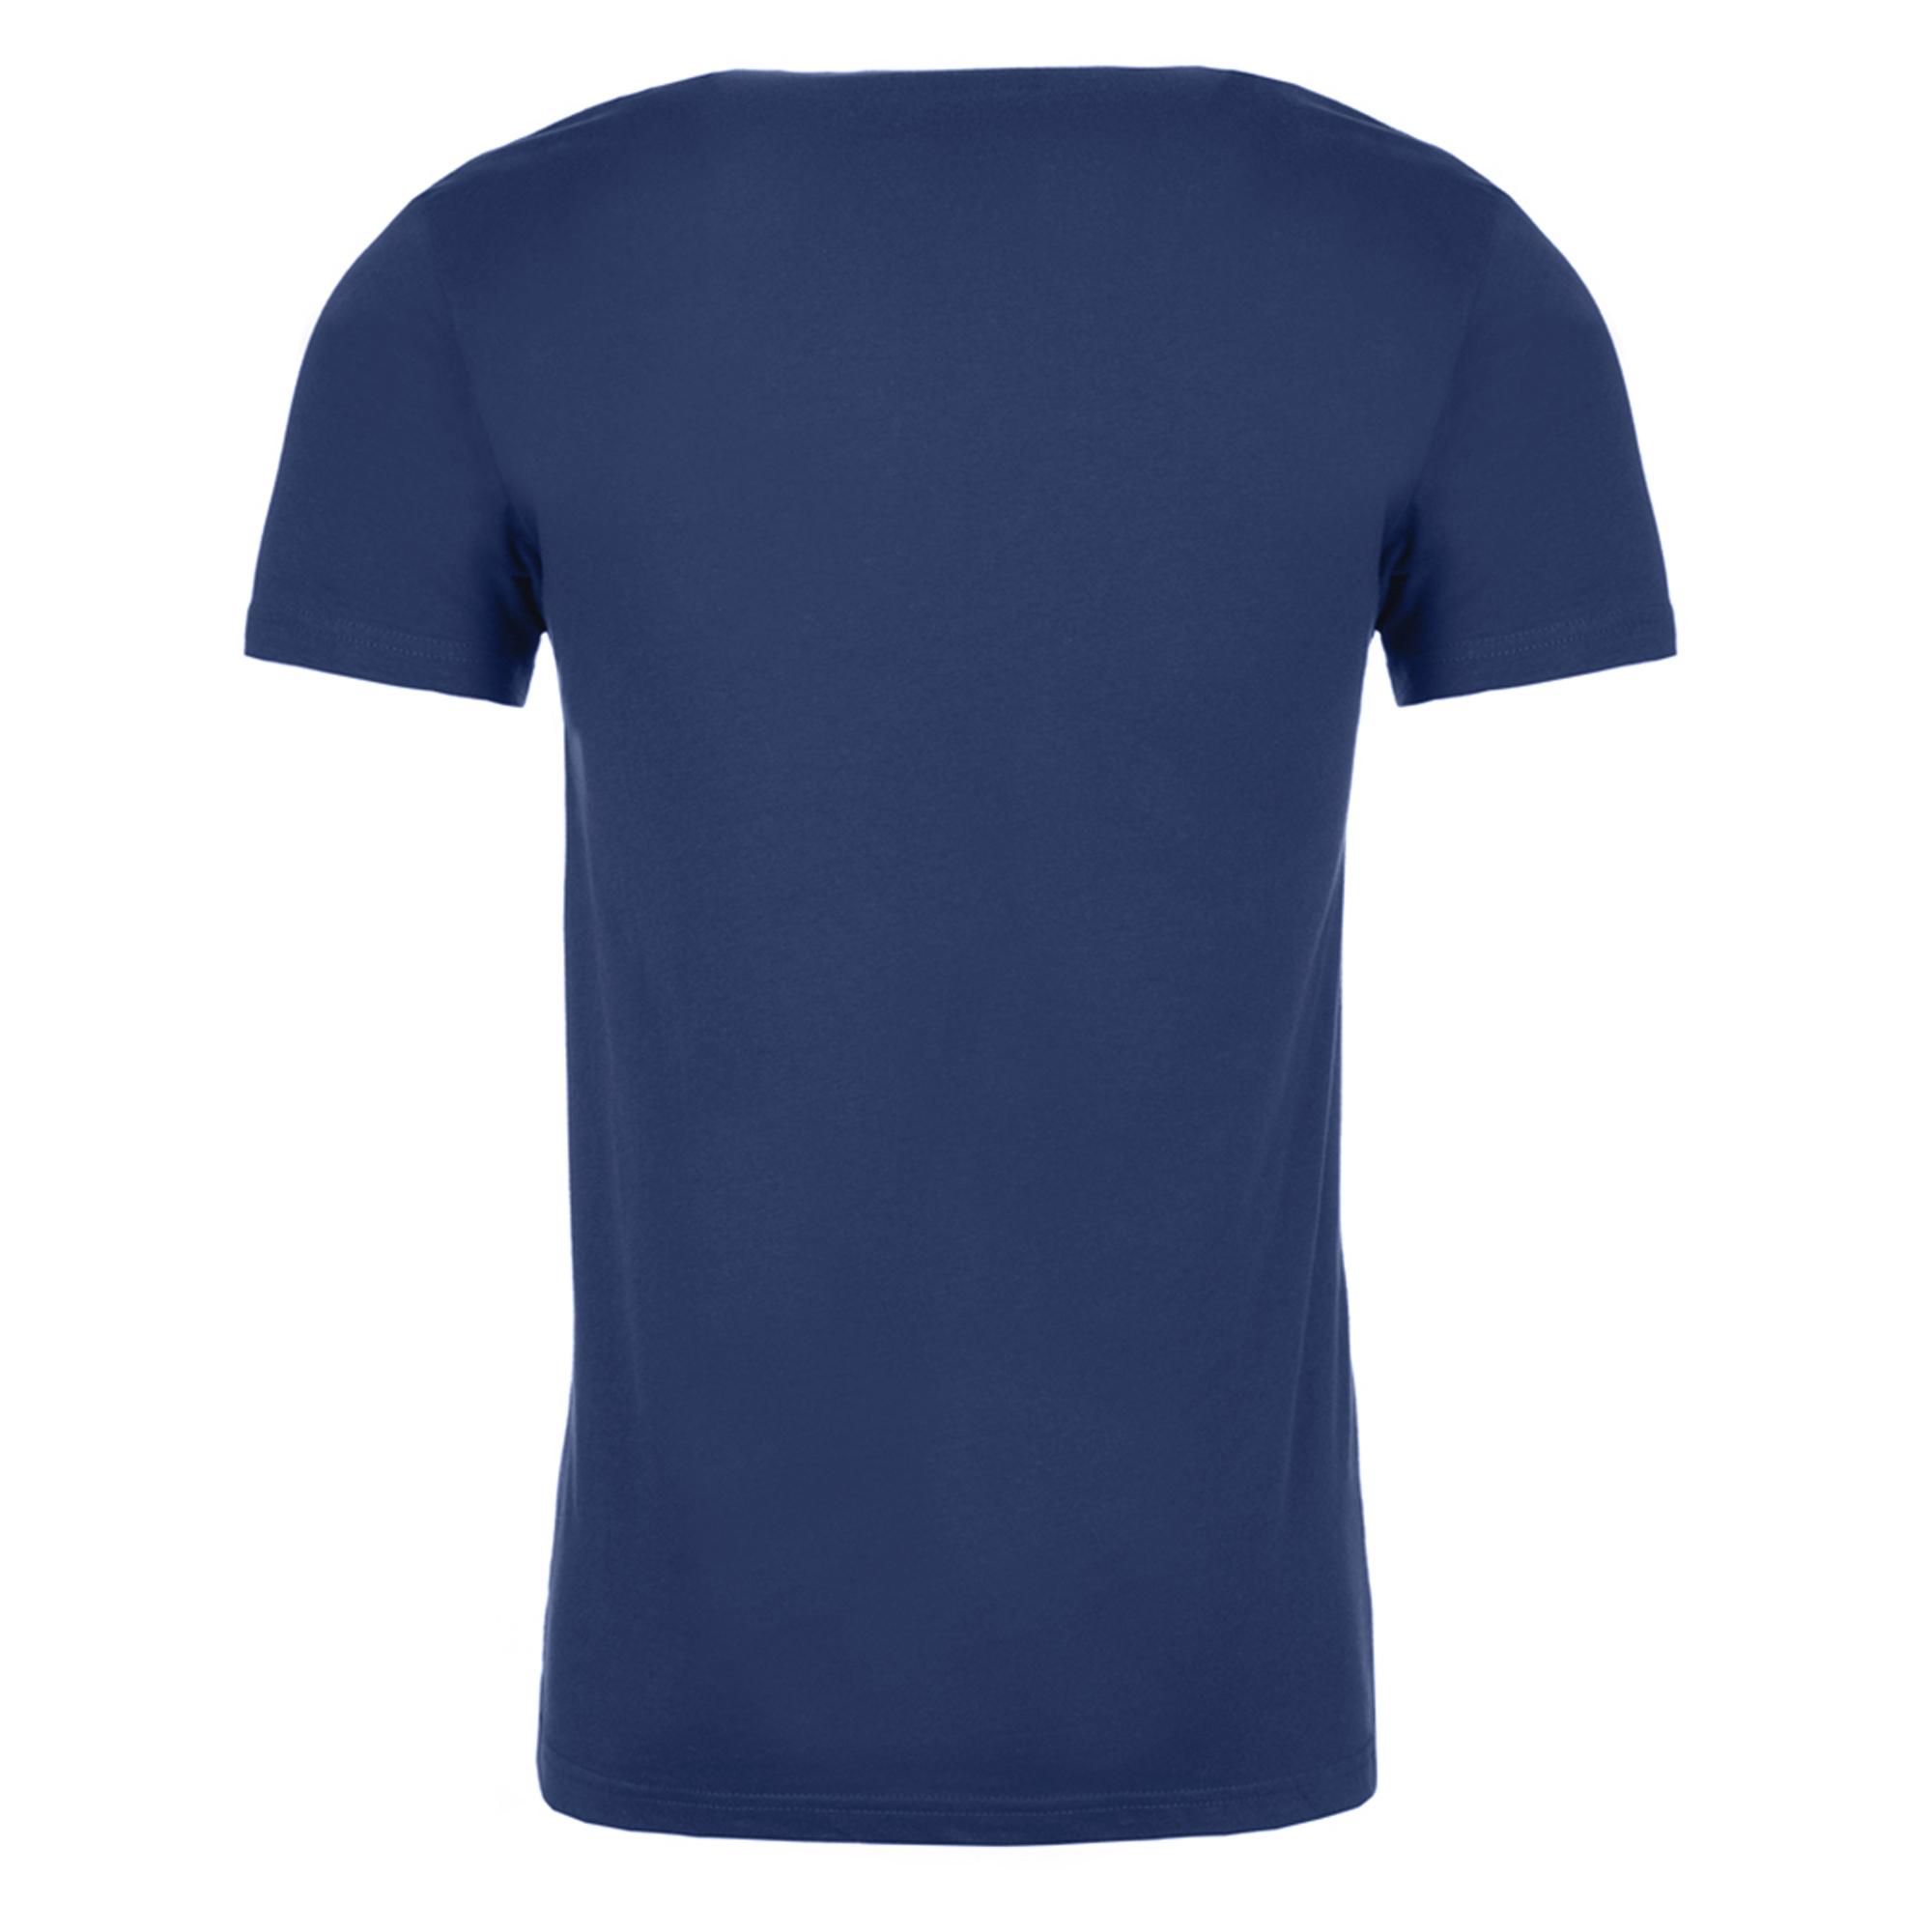 miniature 7 - Next Level - T-shirt manches courtes - Unisexe (PC3469)